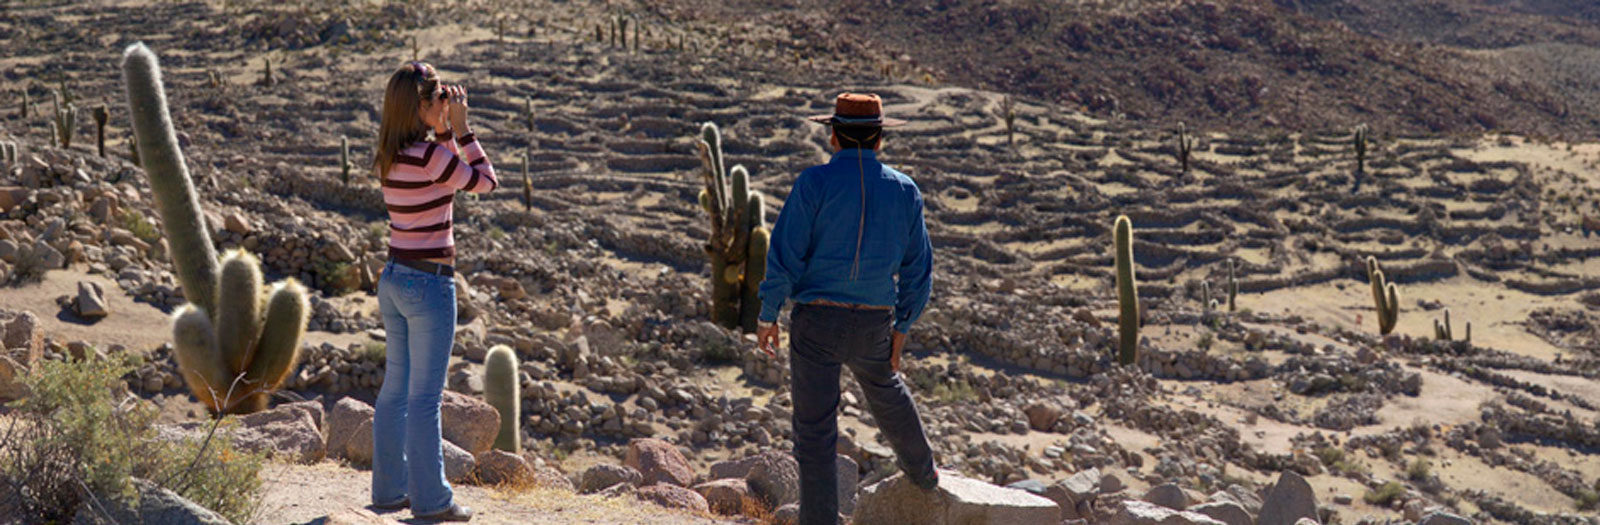 Santa Rosa de Tastil, Salta. Por Eliseo Miciu (gentileza de turismo.salta.gov.ar)